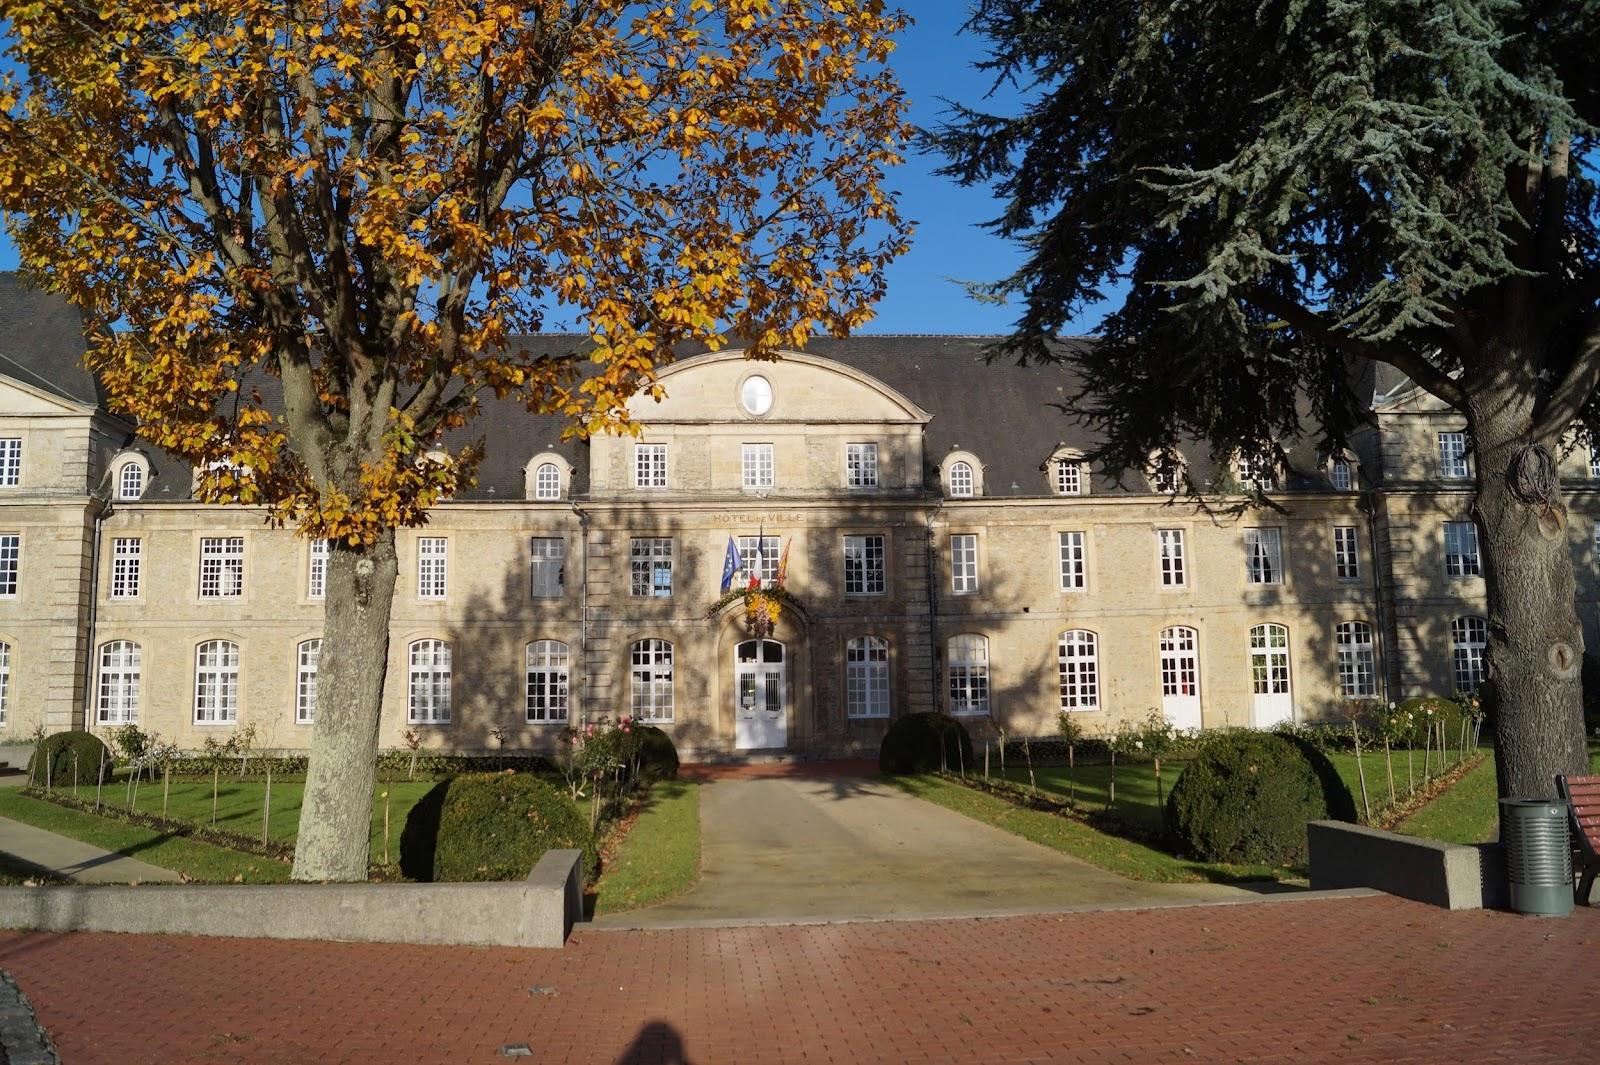 Carentan's town hall